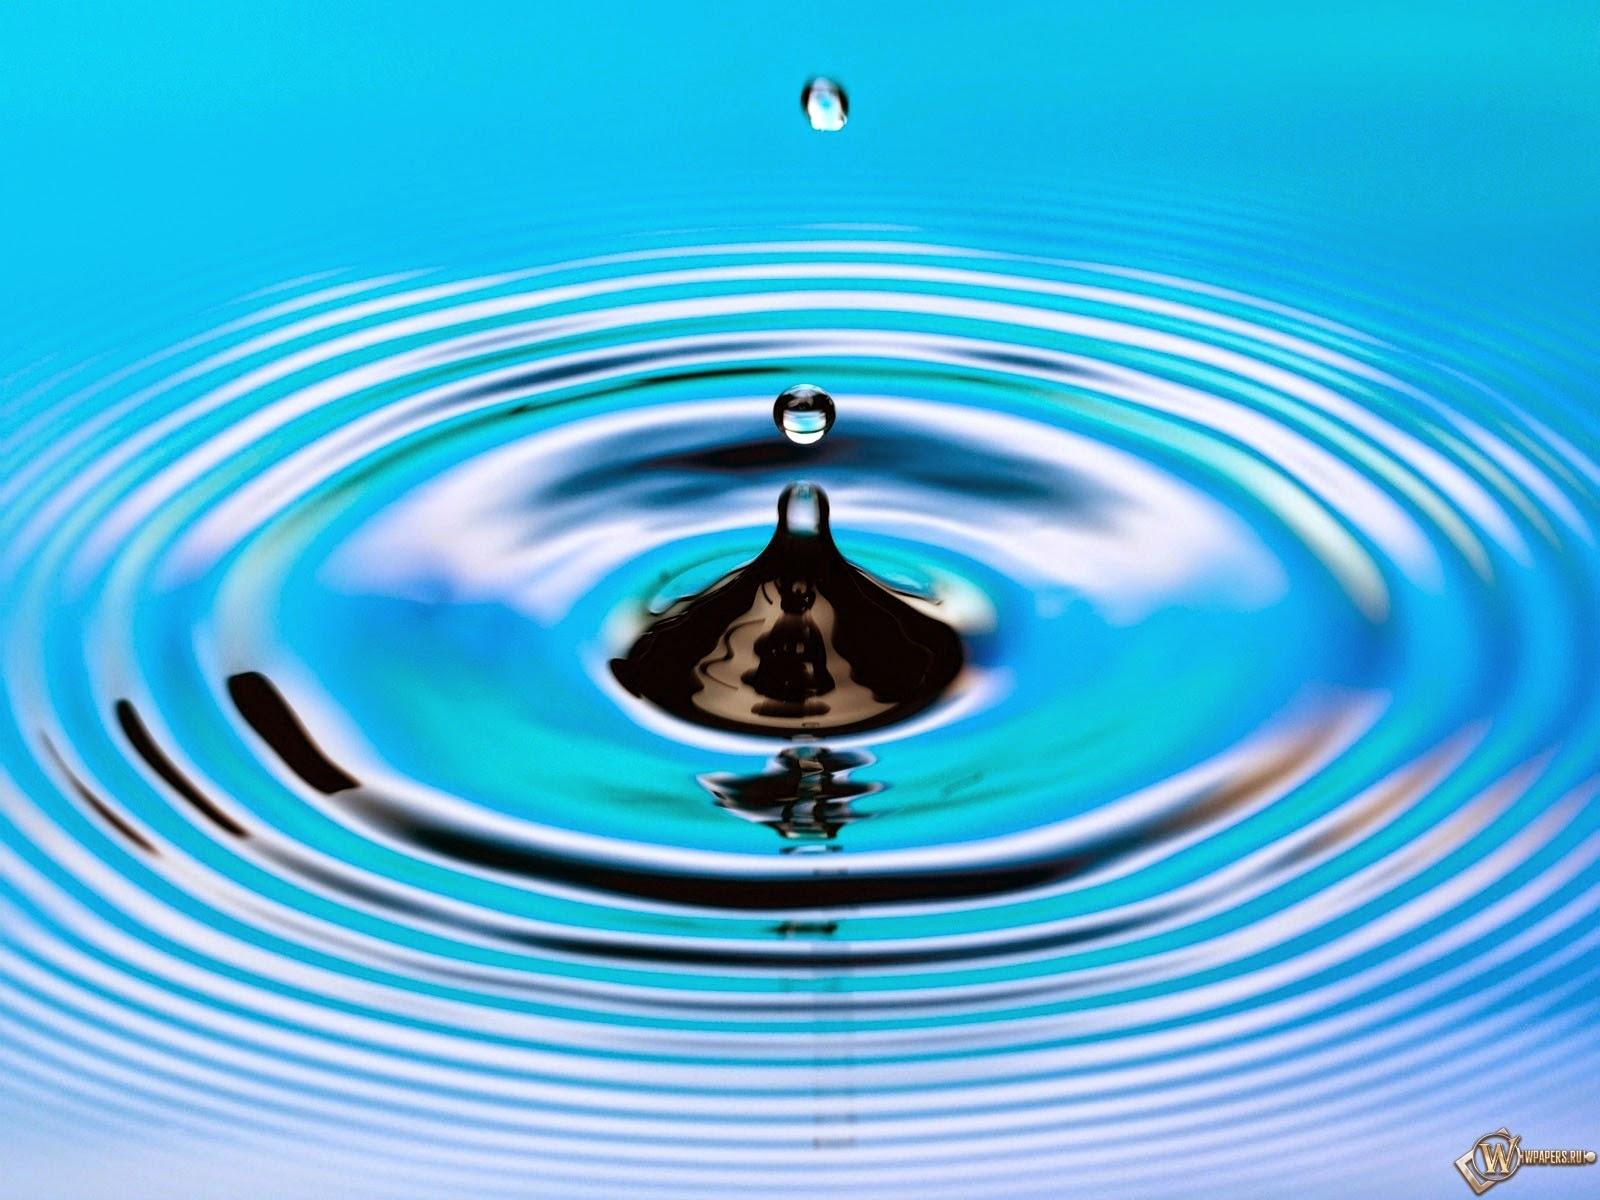 Картинки по запросу картинки на тему волшебница вода